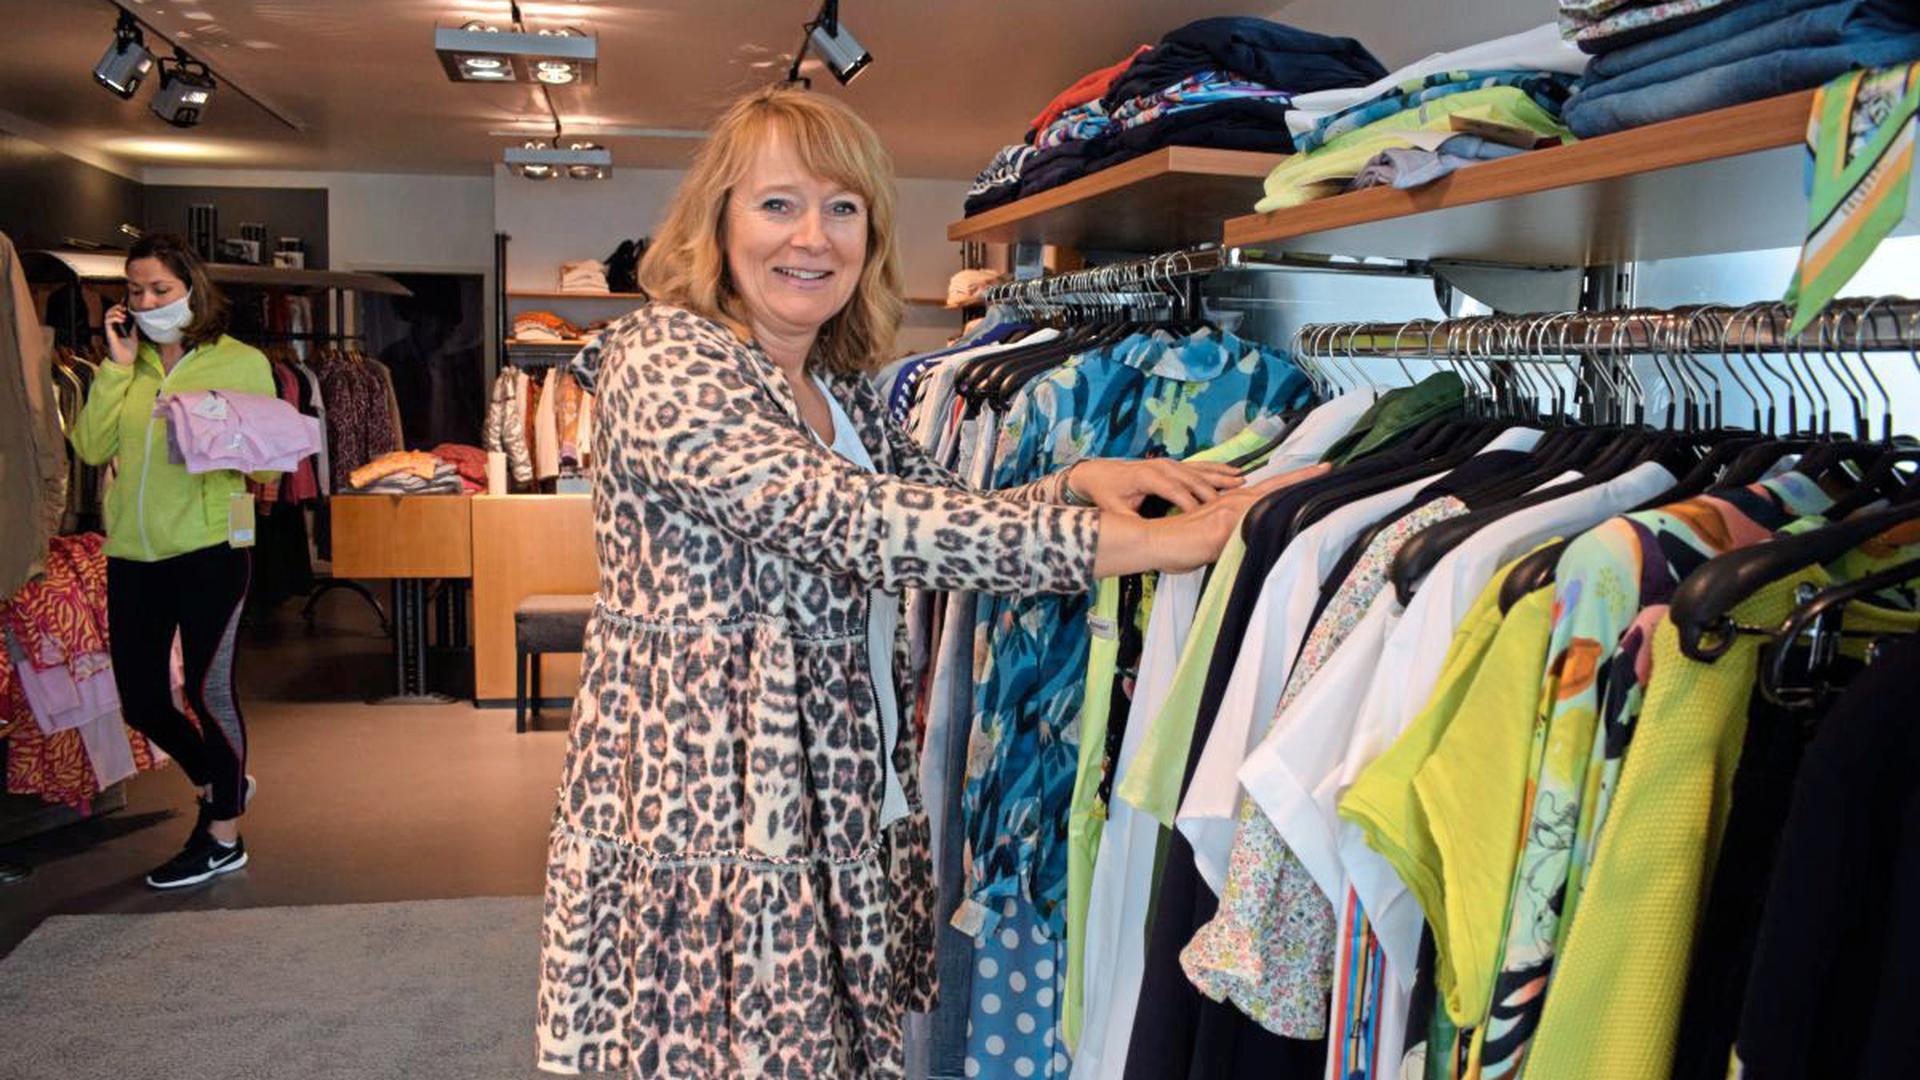 Bringen den Laden auf Vordermann, damit am Montag alles einladend aussieht: Nicole Hickel und ihre Mitarbeiterin Elisabeth Cochs (im Hintergrund).